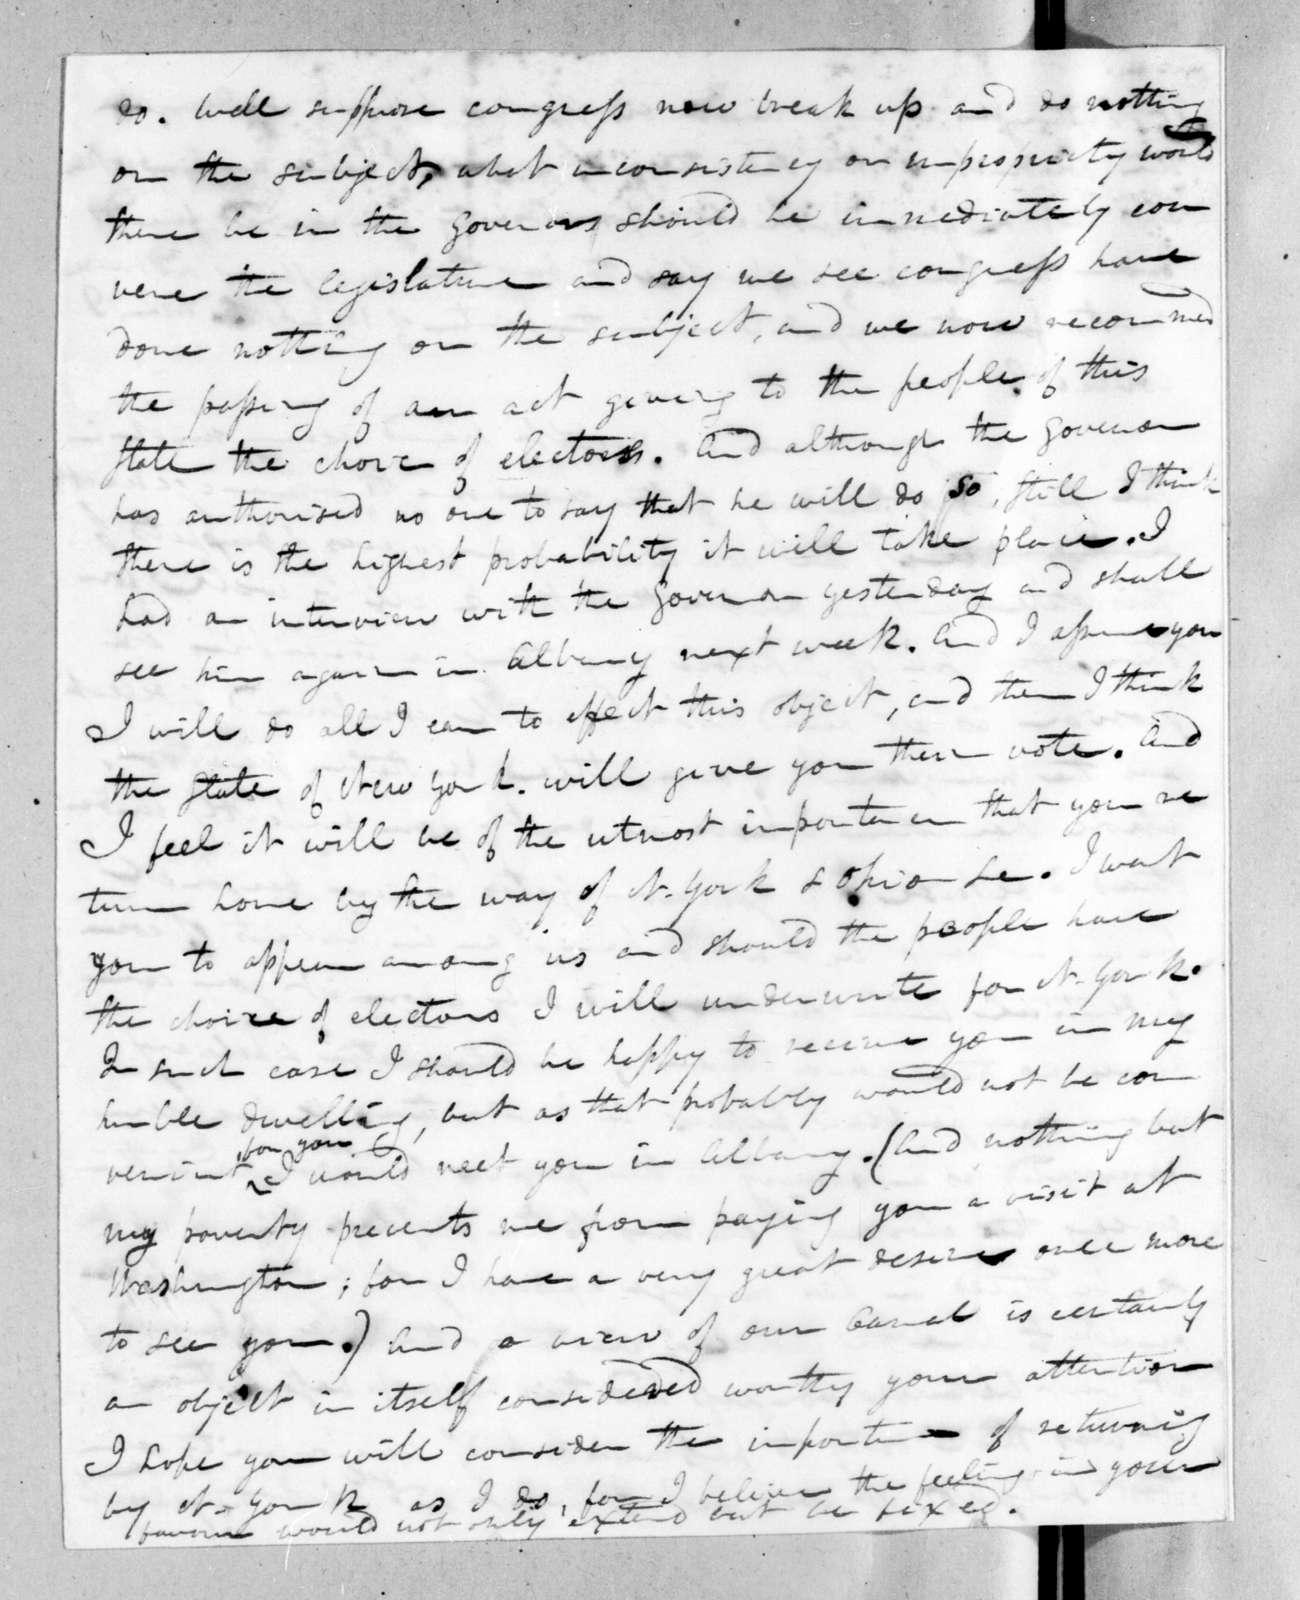 John Freeman Schermerhorn to Andrew Jackson, May 14, 1824